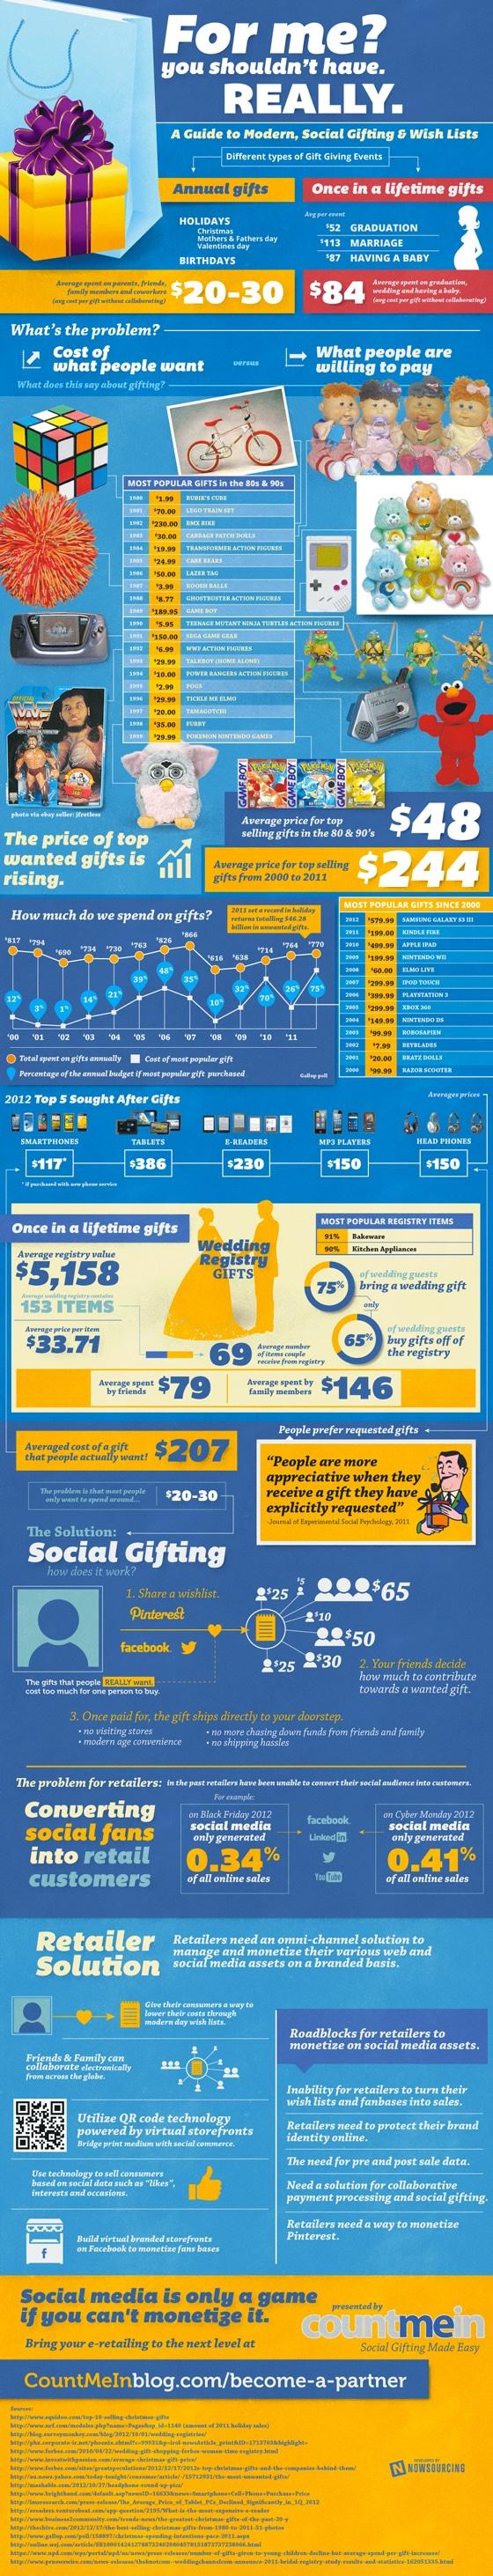 social-gifting-infographie-medias-sociaux